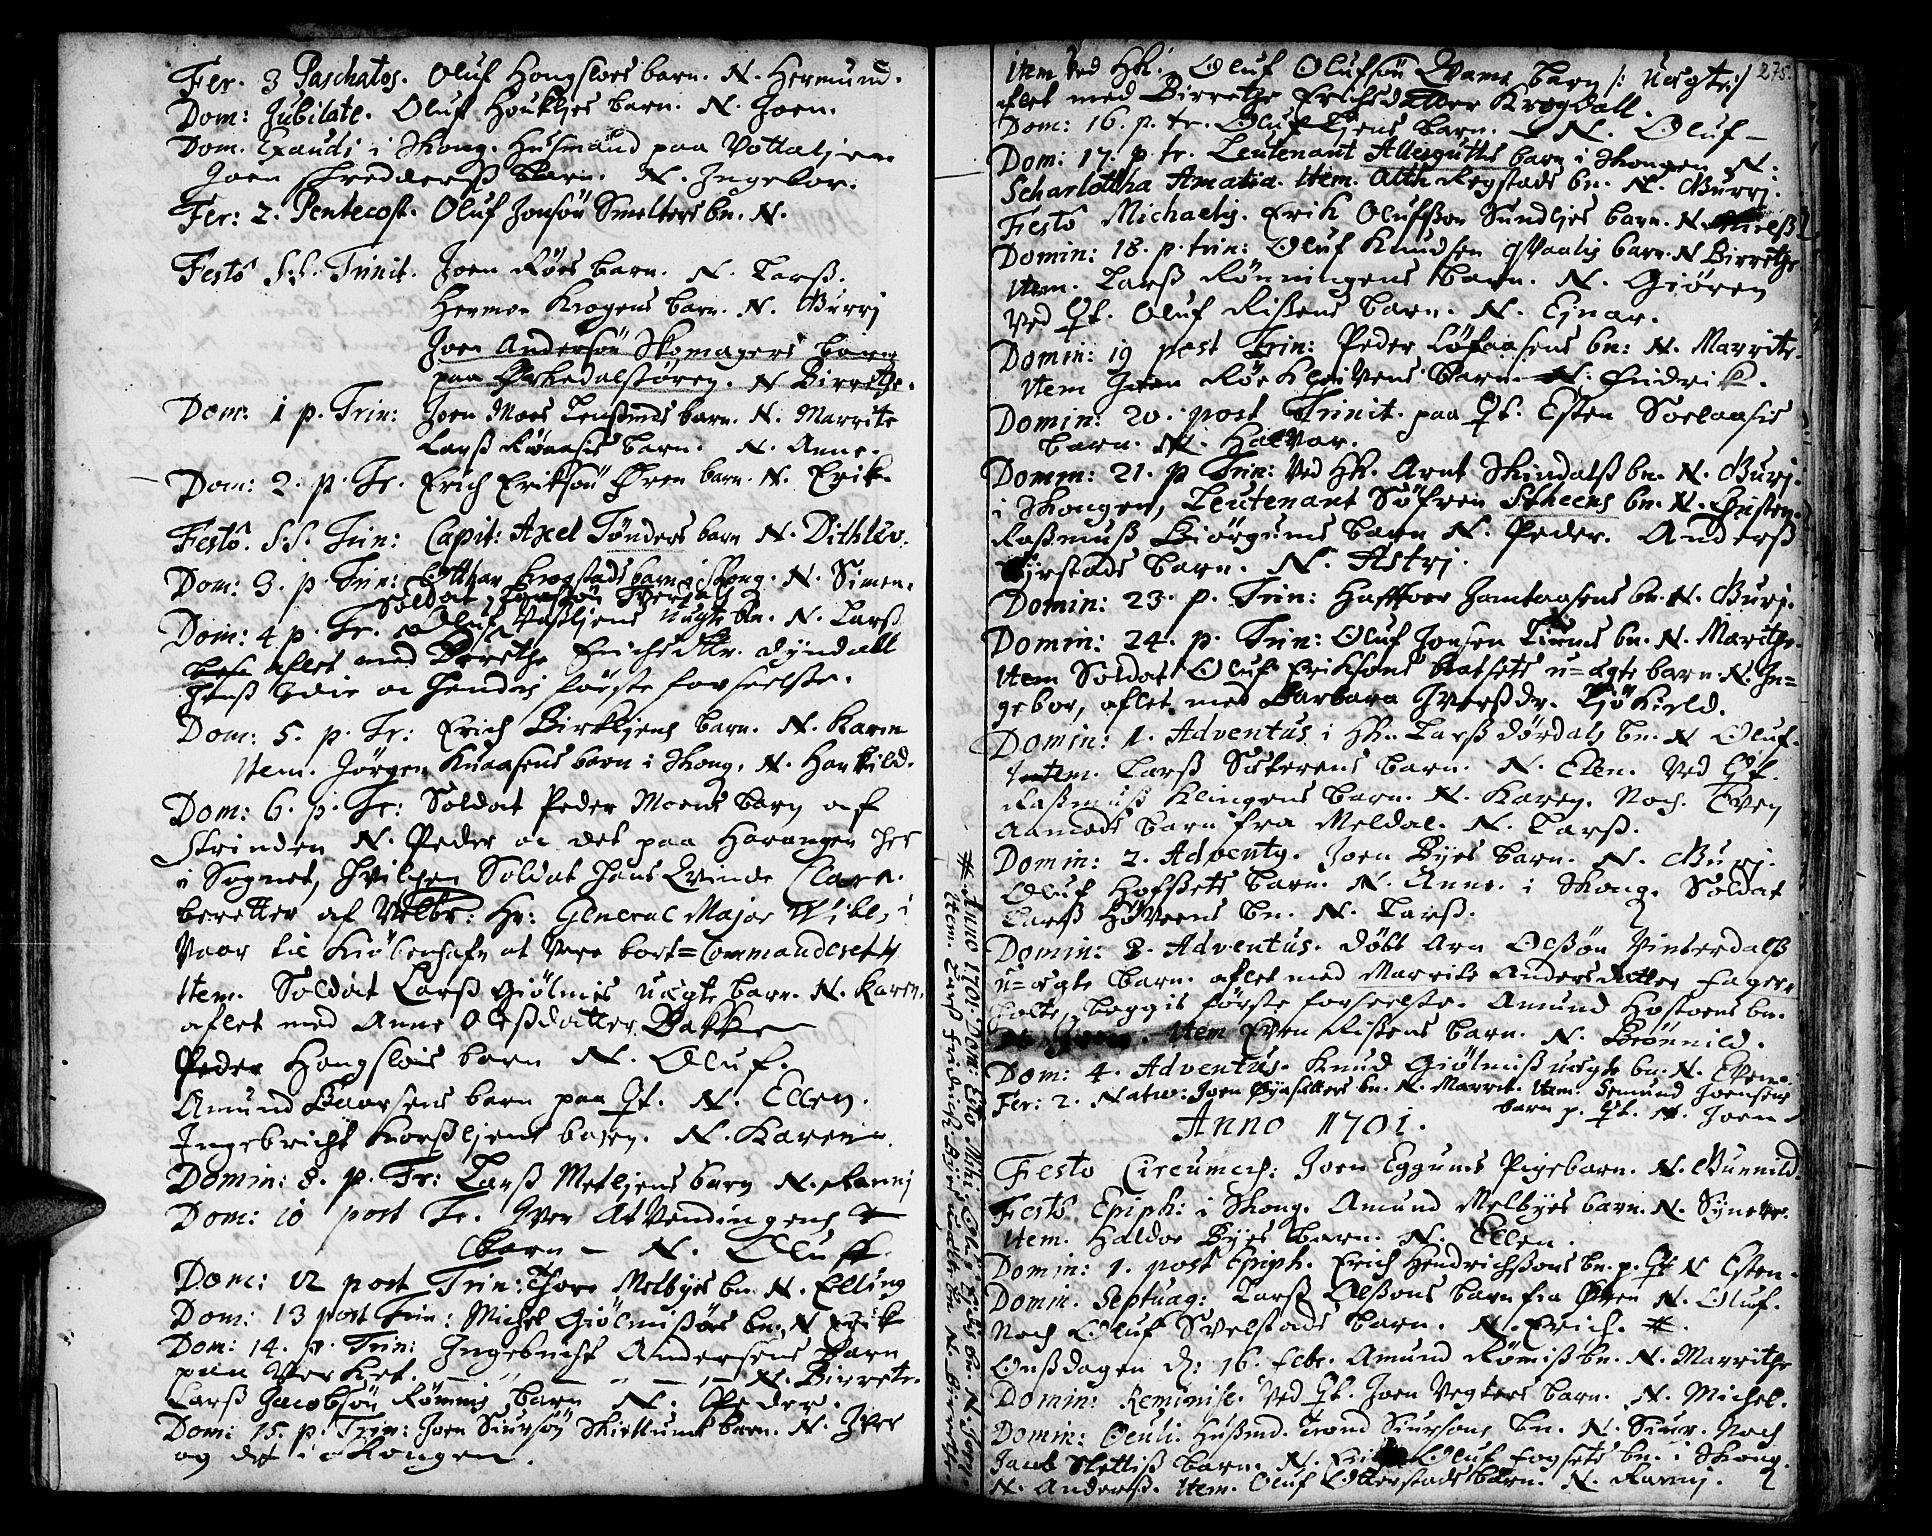 SAT, Ministerialprotokoller, klokkerbøker og fødselsregistre - Sør-Trøndelag, 668/L0801: Ministerialbok nr. 668A01, 1695-1716, s. 274-275